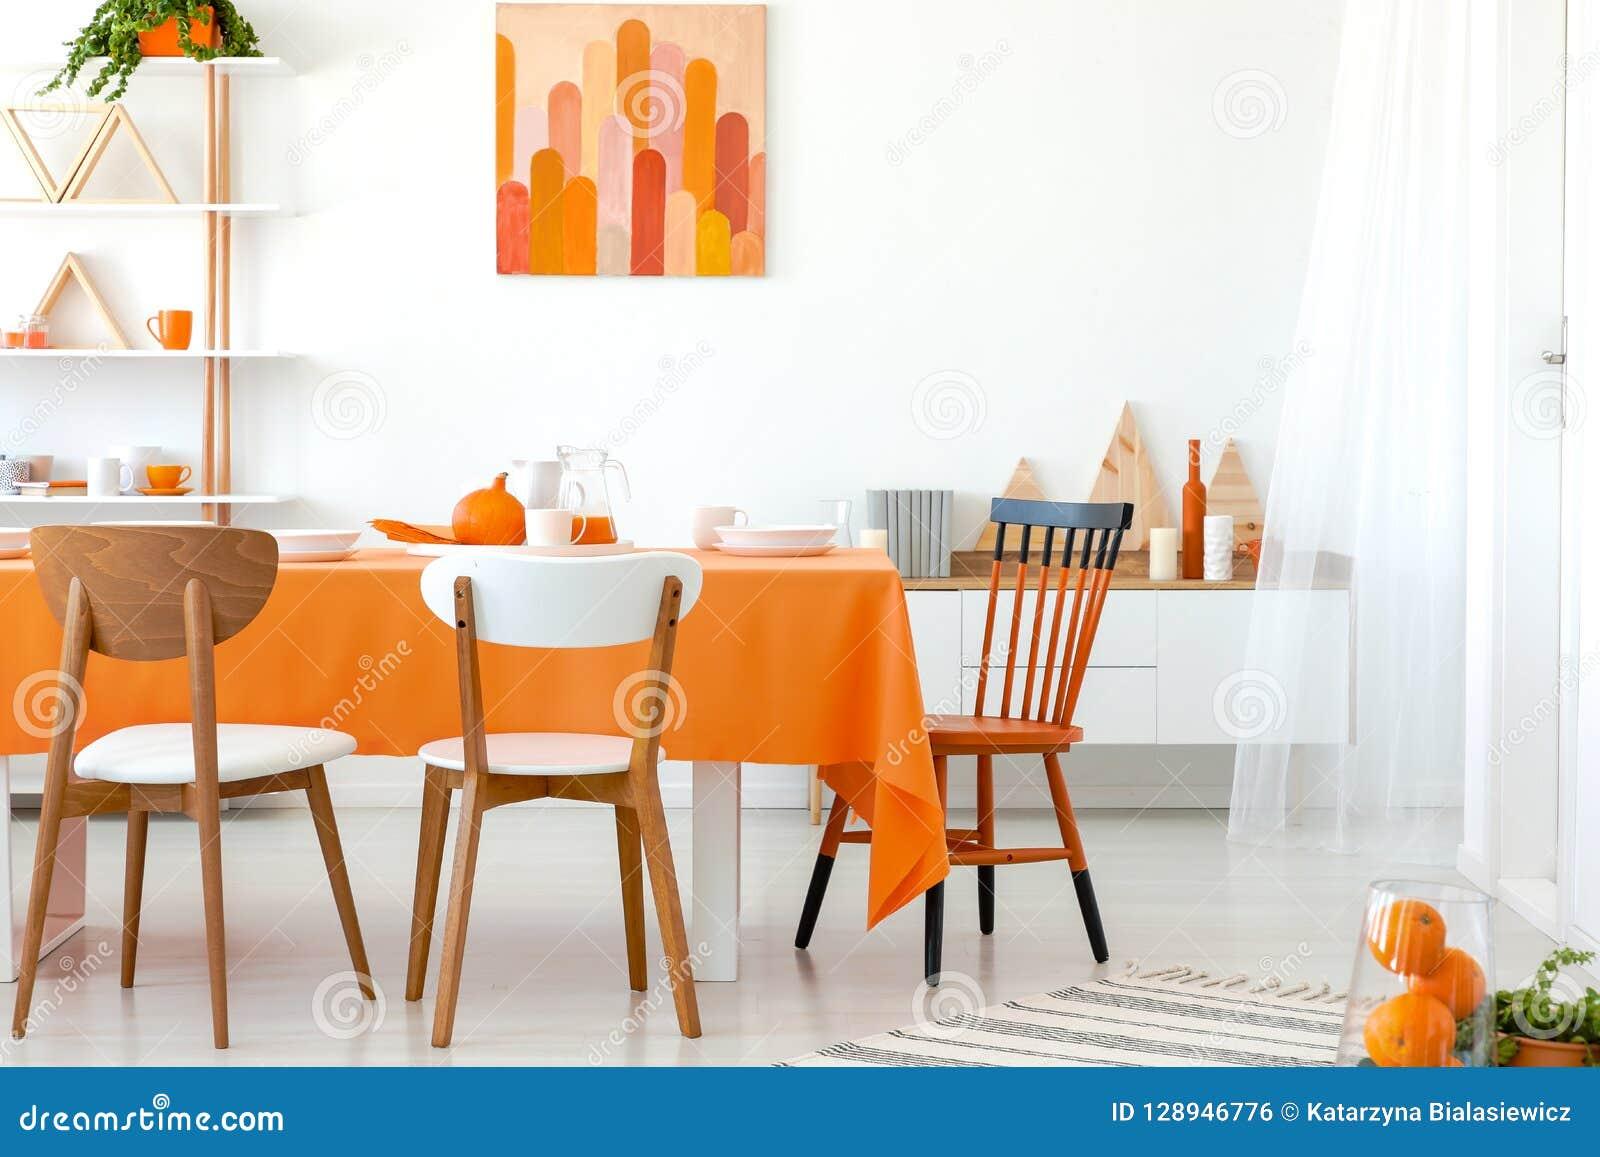 Köksbord som täckas med den orange bordduken och vit disk Konstverk på väggen och hylla i hörnet